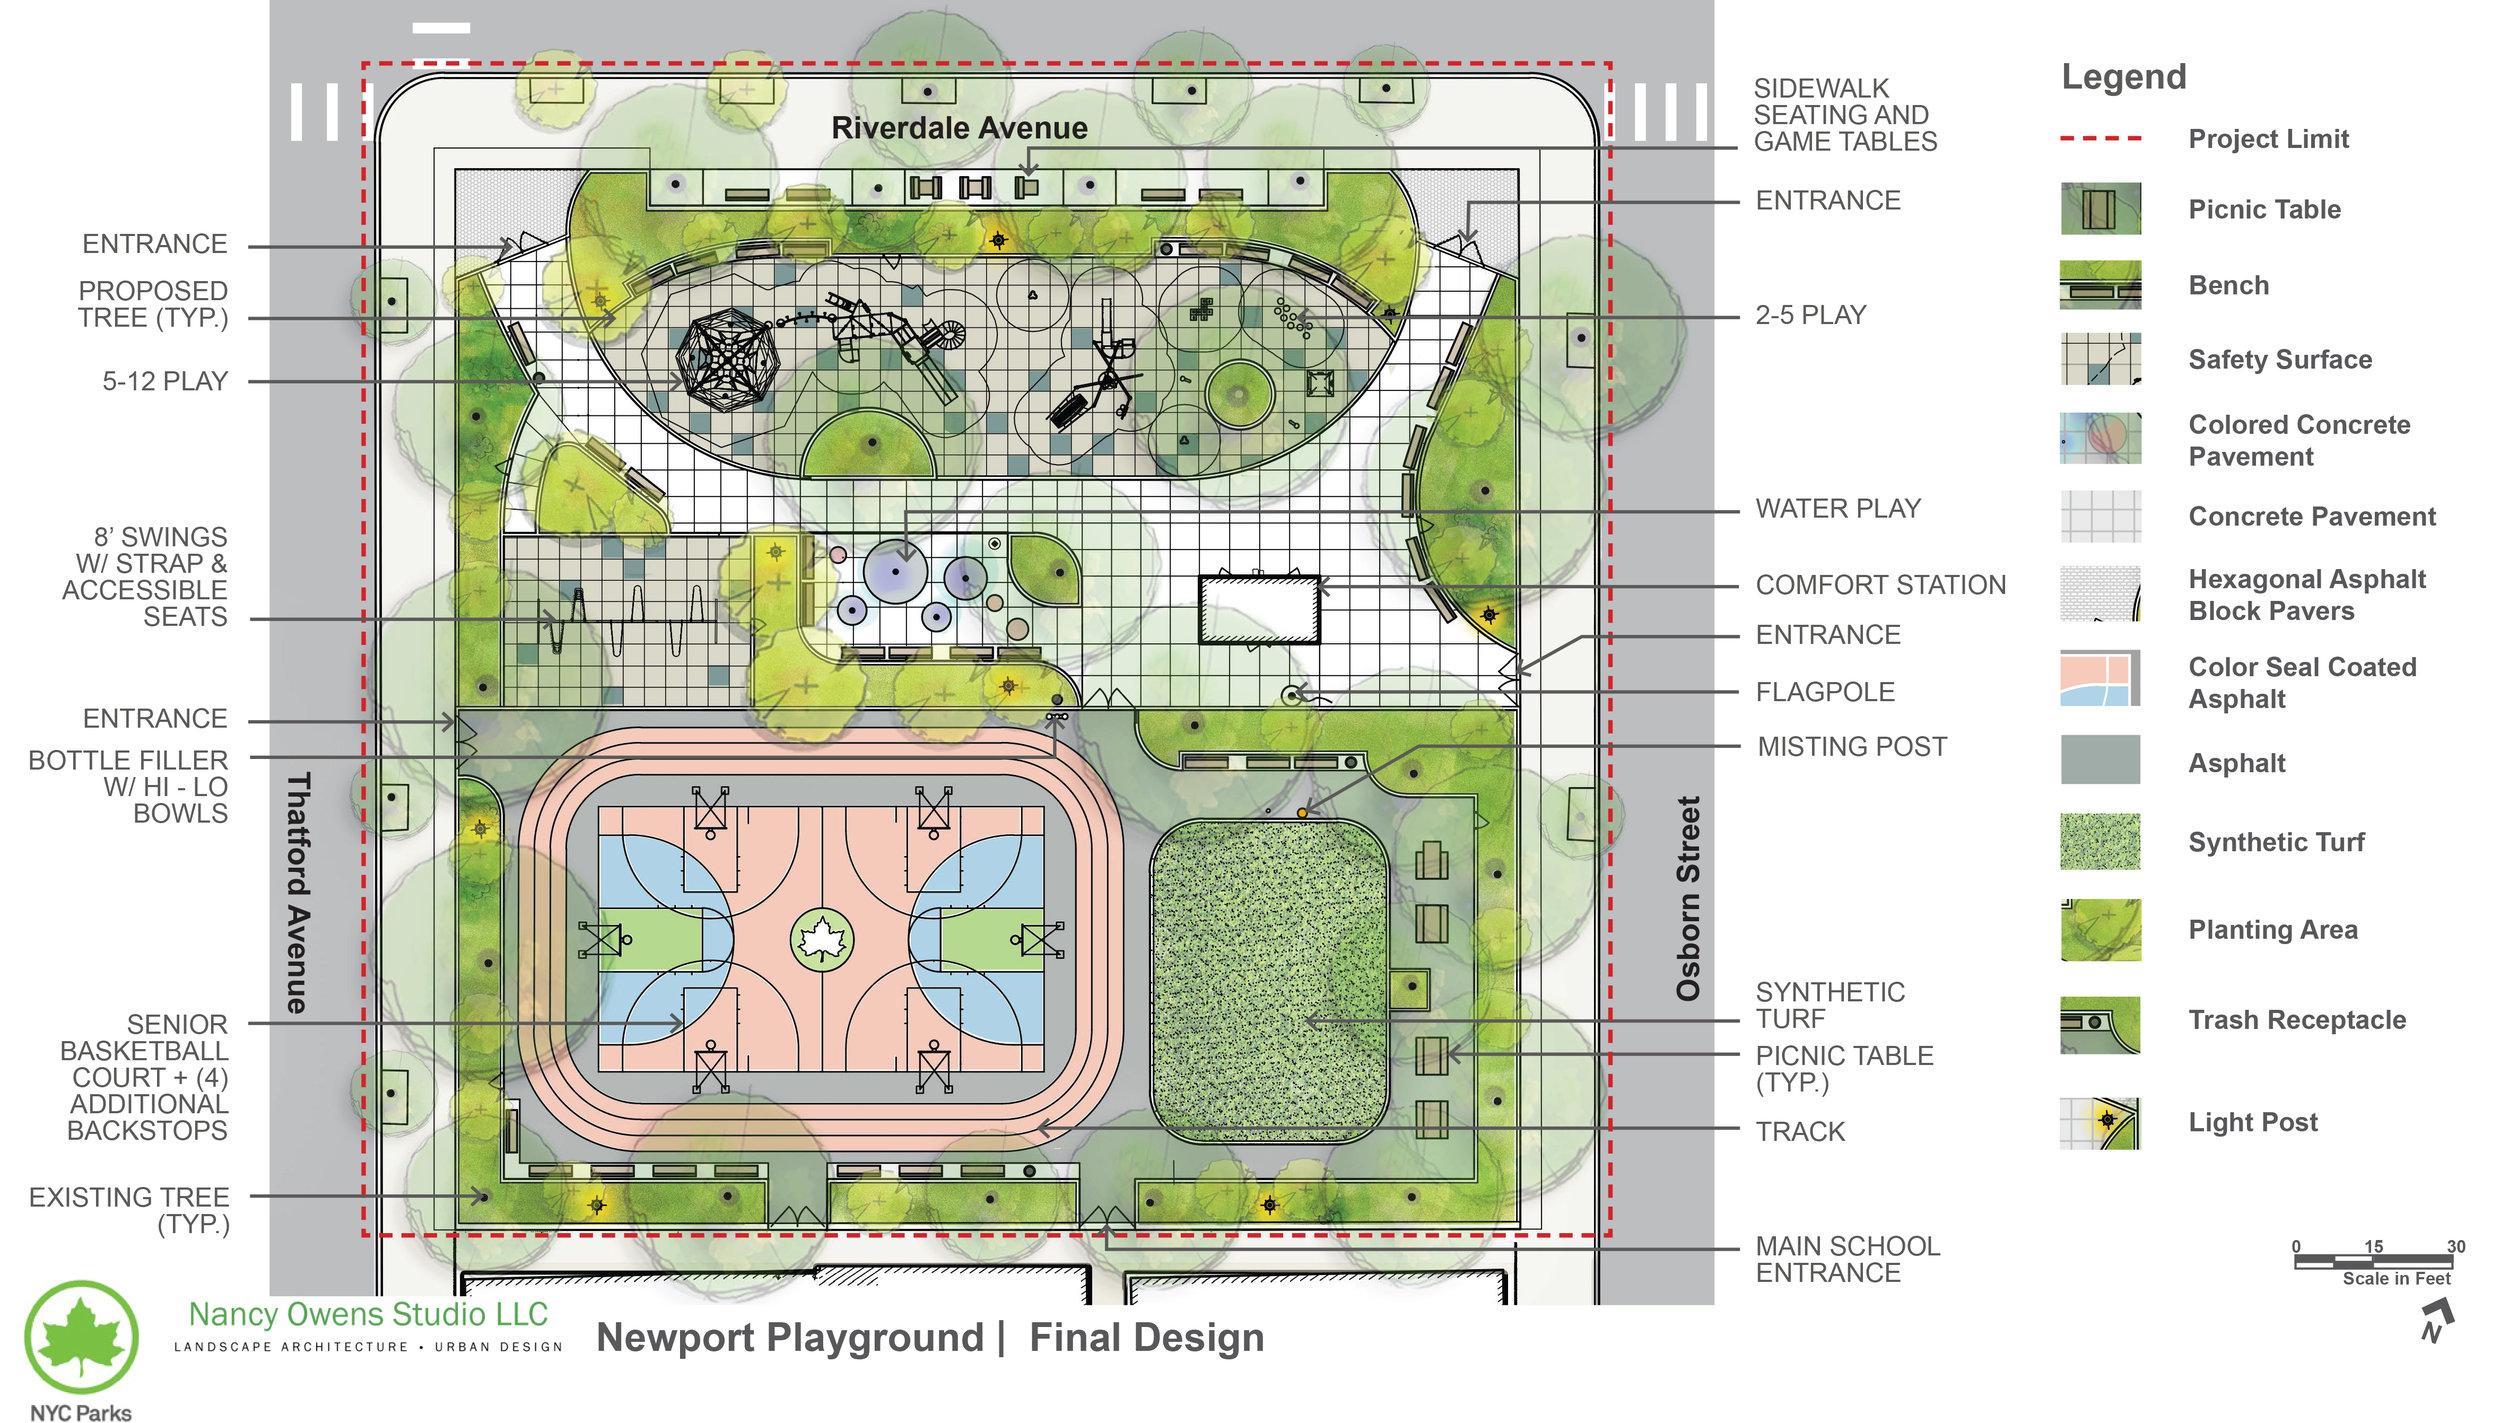 170120 Newport Playground final rendered plan.jpg